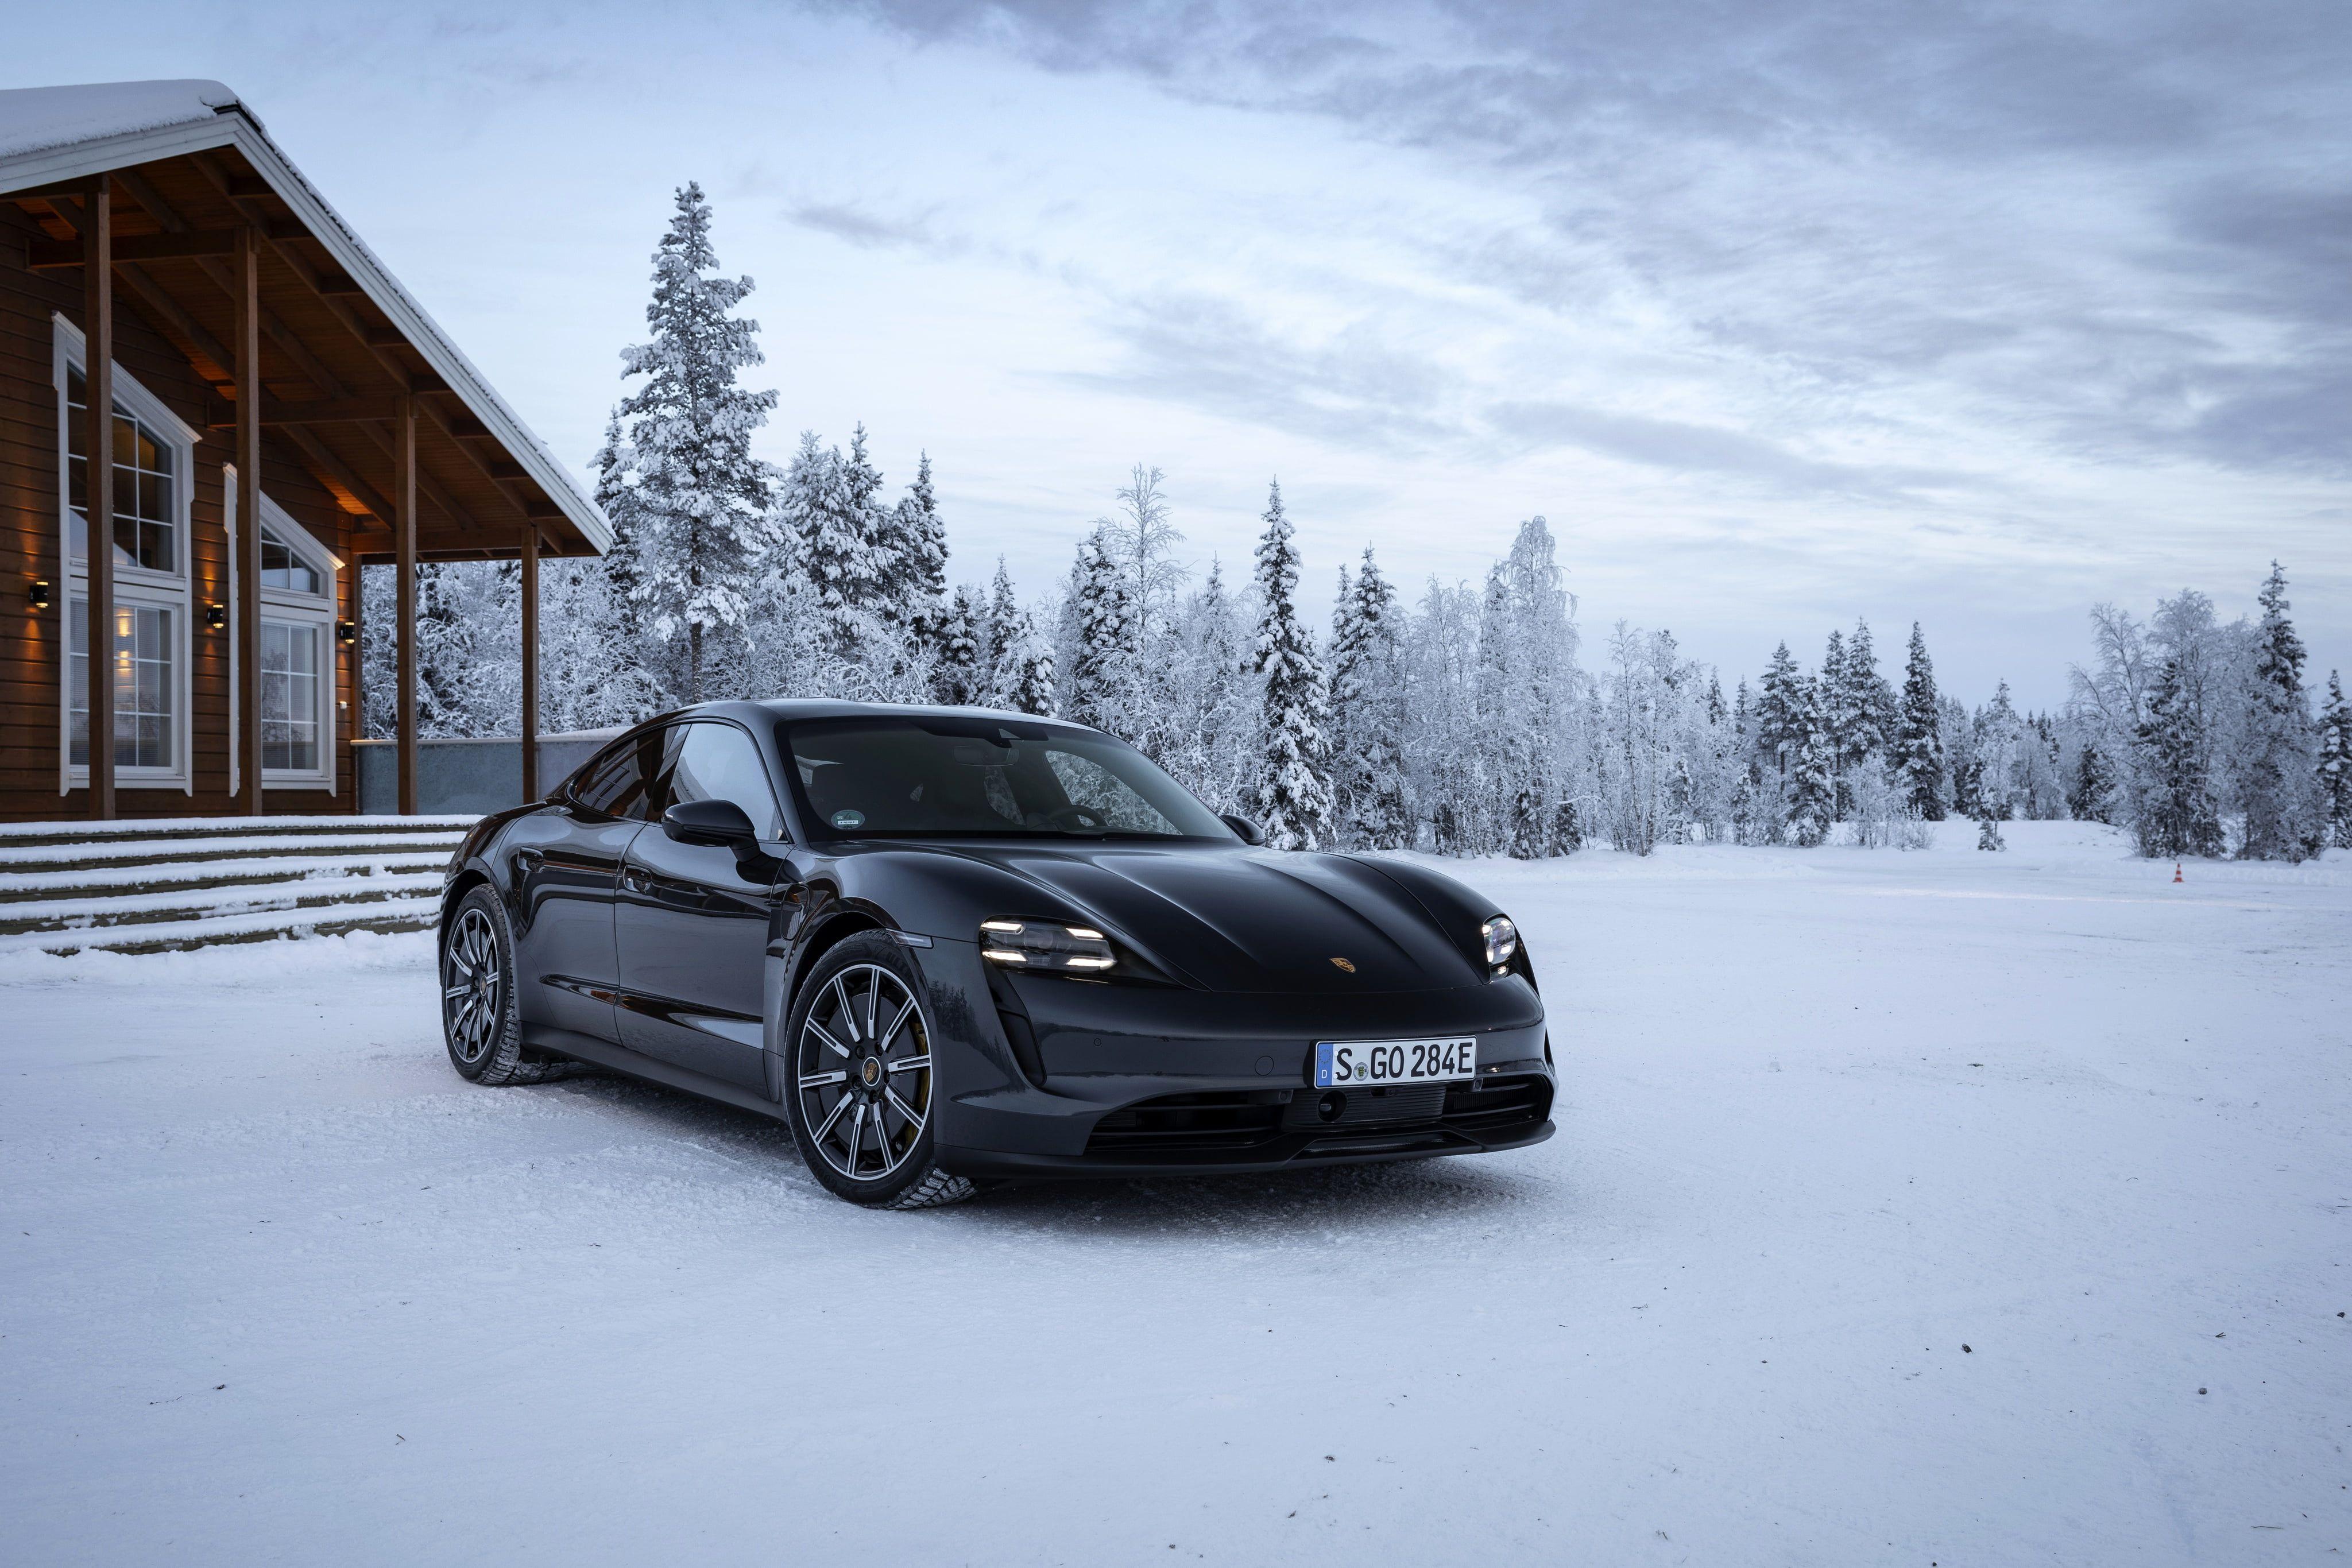 Porsche Porsche Taycan 4s Black Car Car Snow Sport Car Vehicle Winter 4k Wallpaper Hdwallpaper Desktop